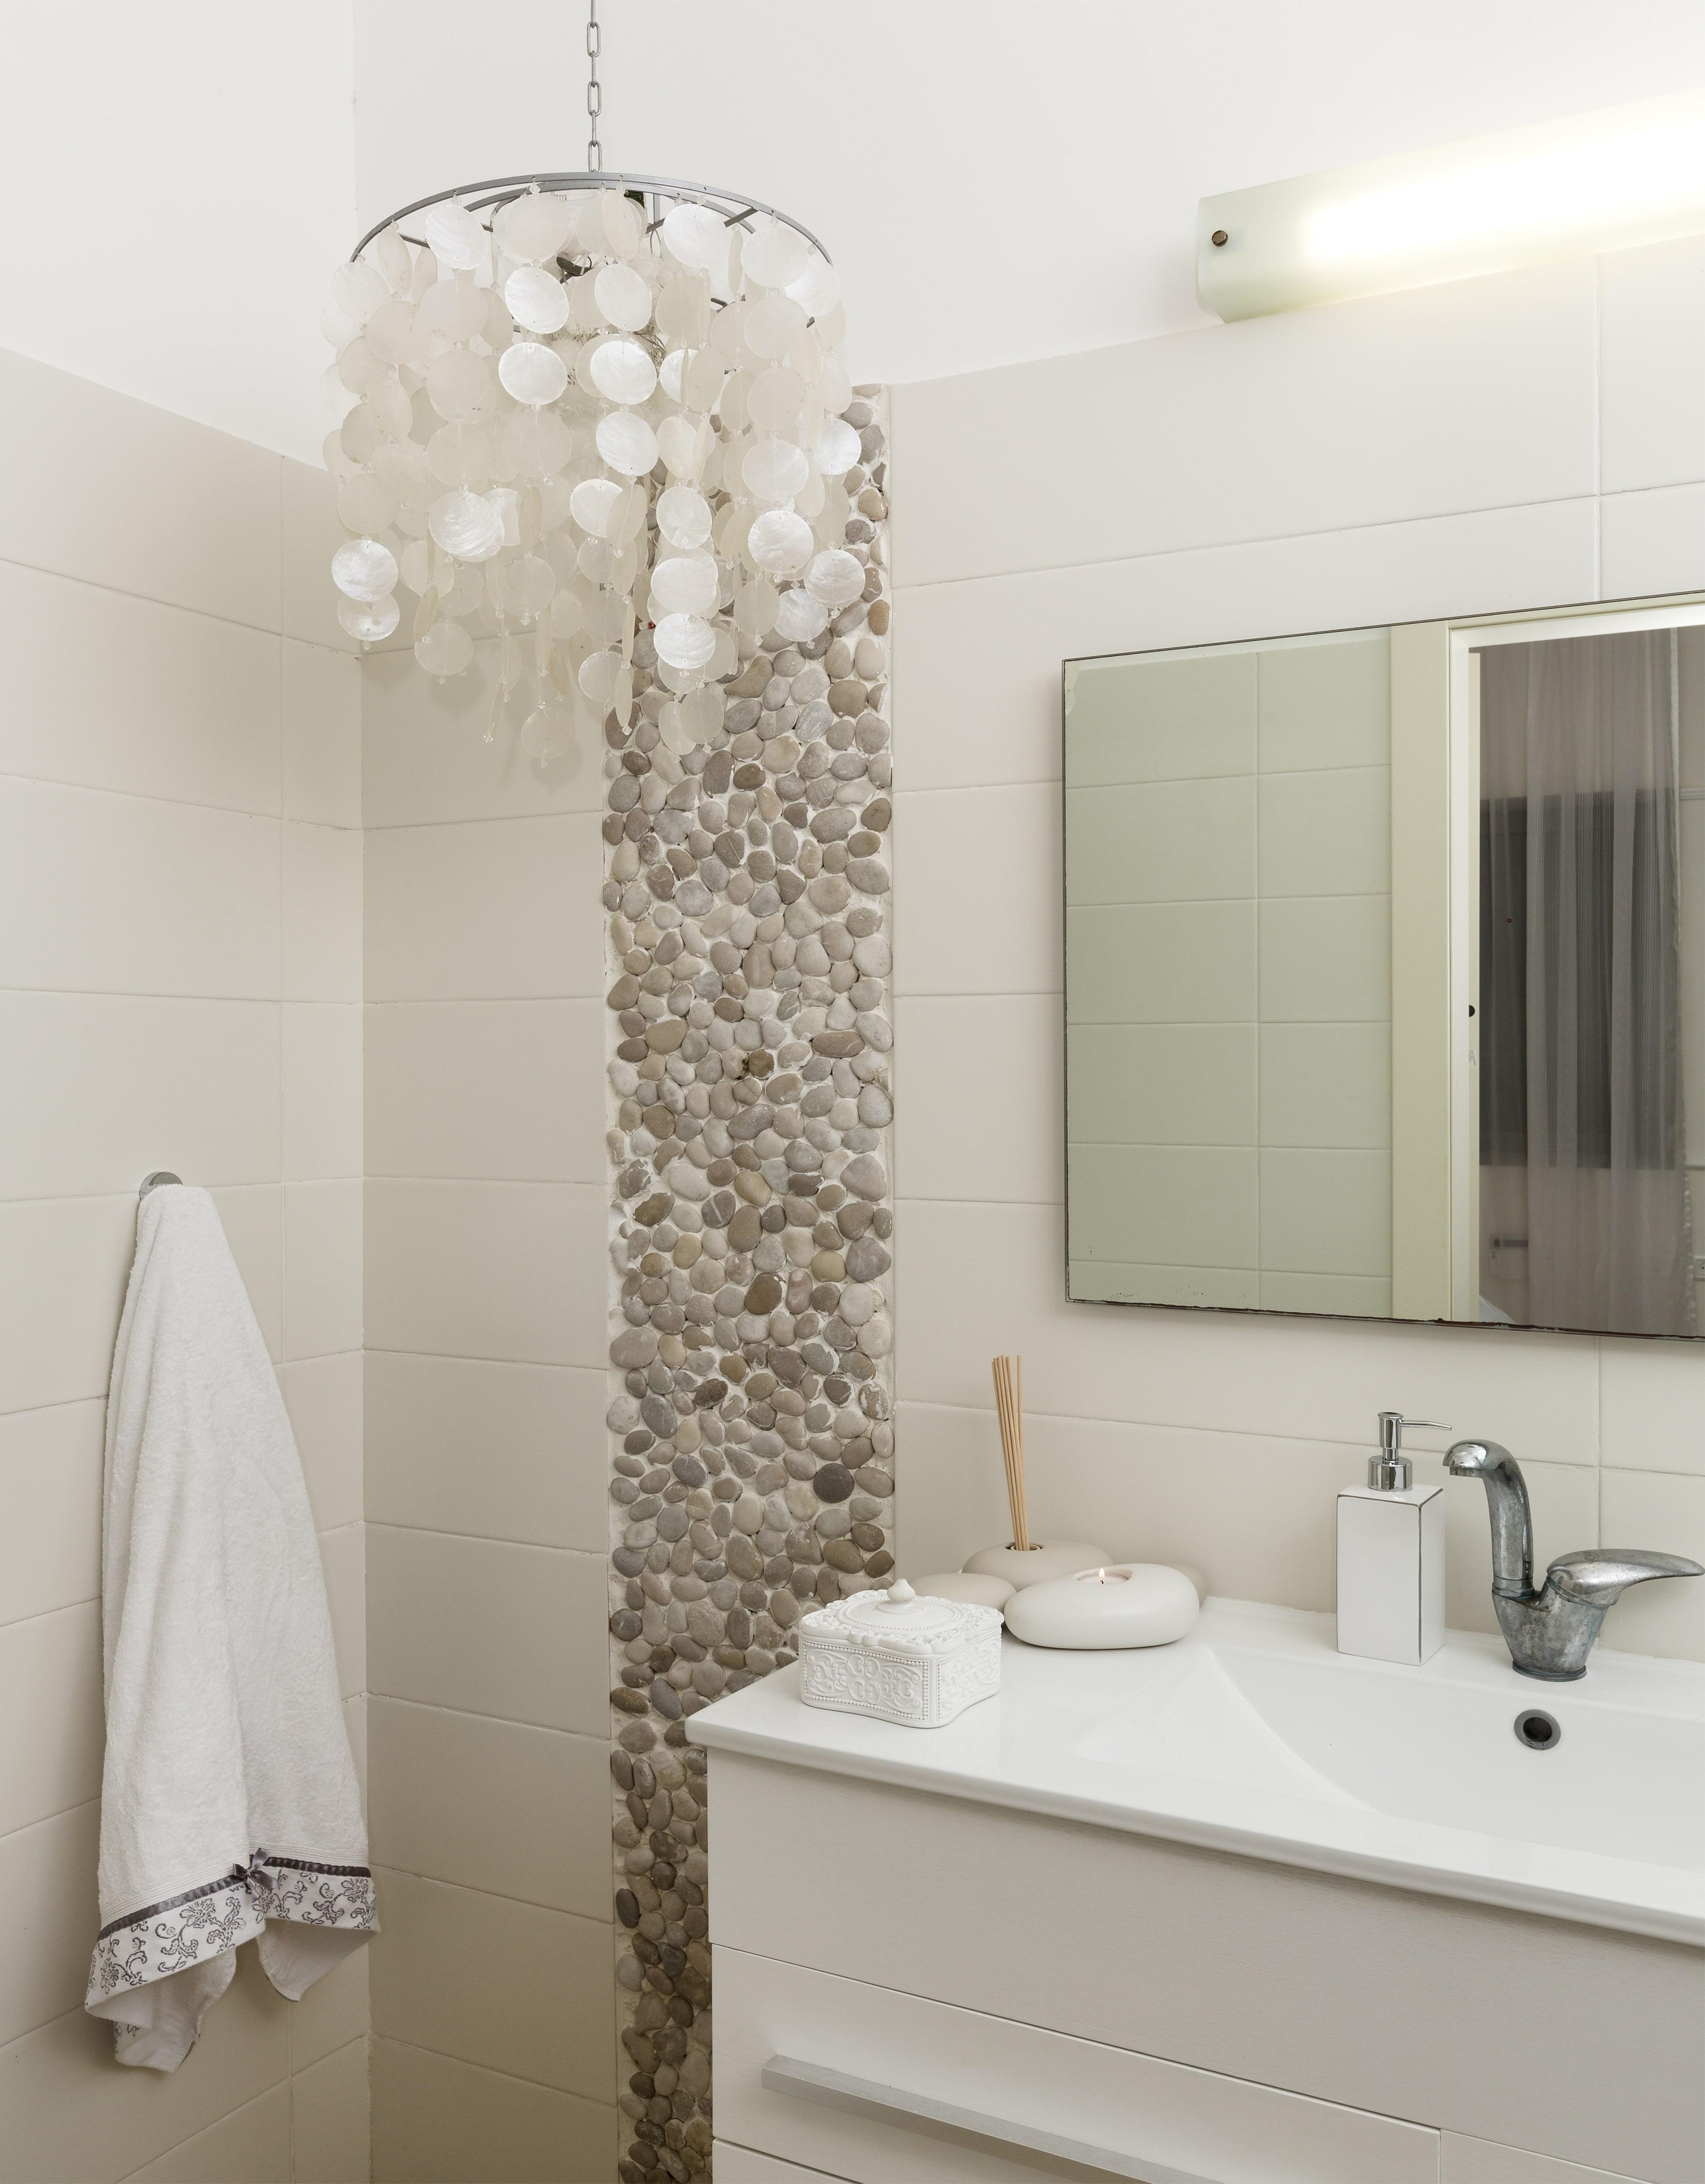 במקלחת הורים-גוף תאורה עם נוכחות.